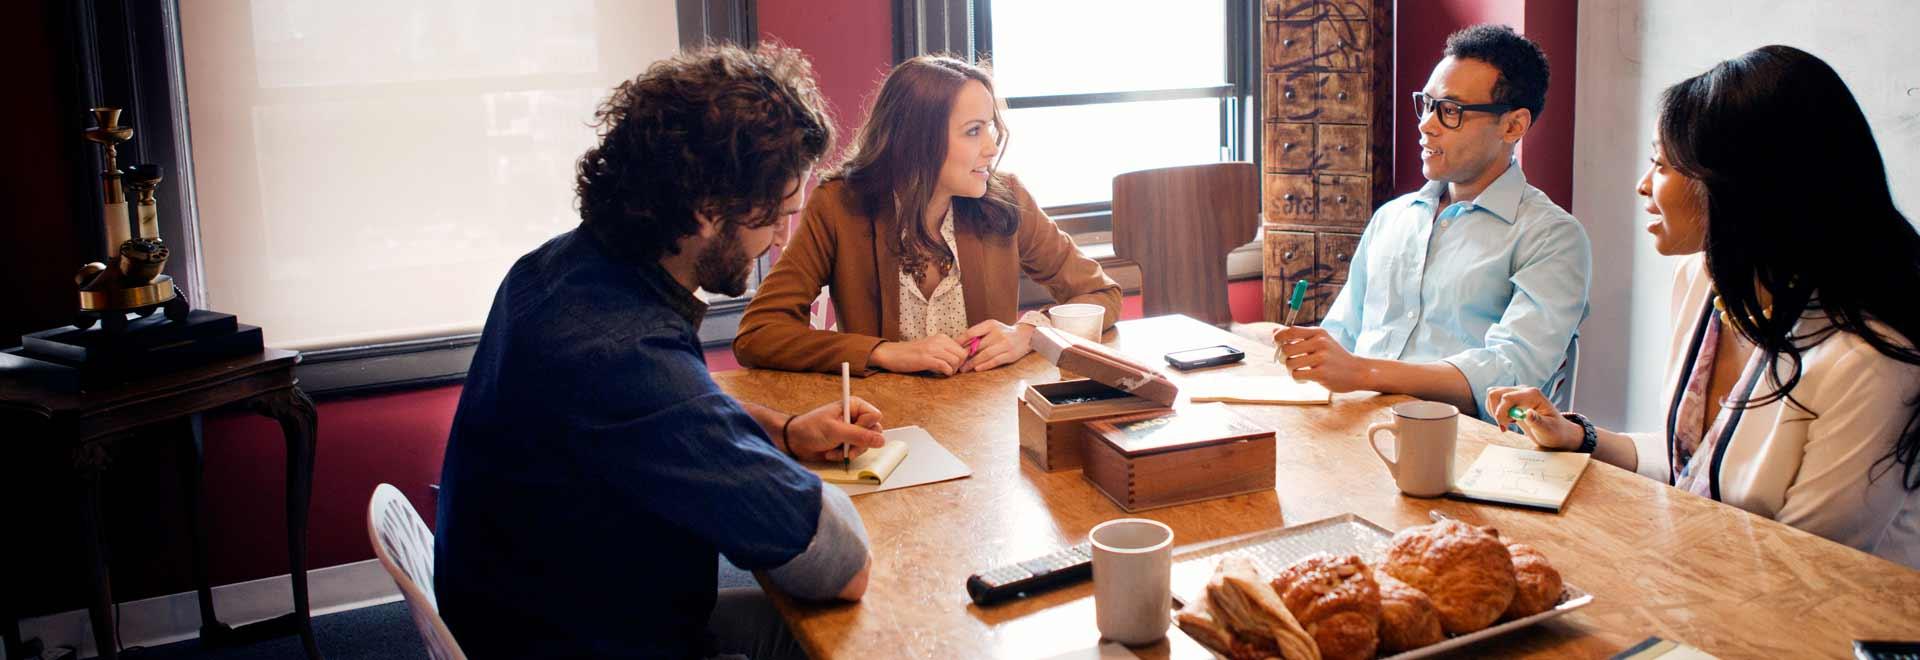 オフィスで Office 365 Enterprise E3 を使って仕事をしている 4 人の男女。